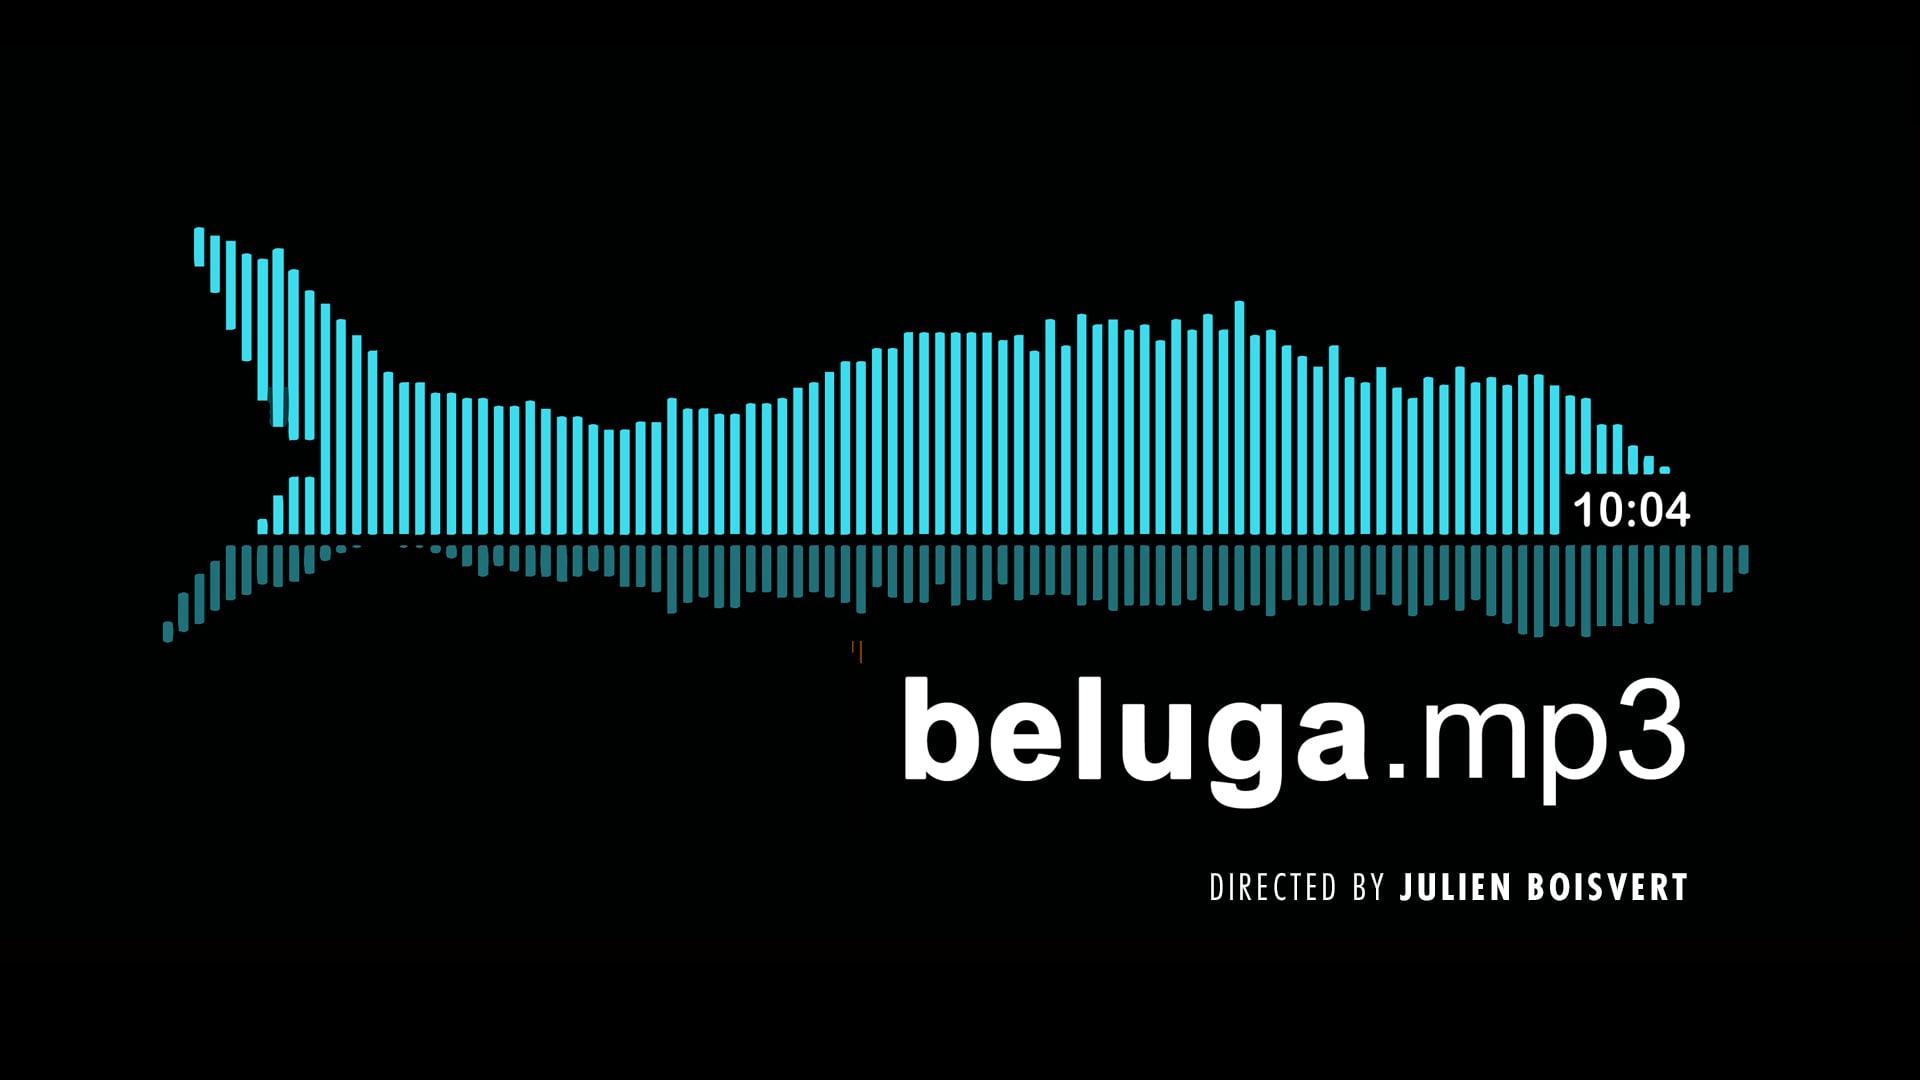 Beluga.mp3 - Trailer